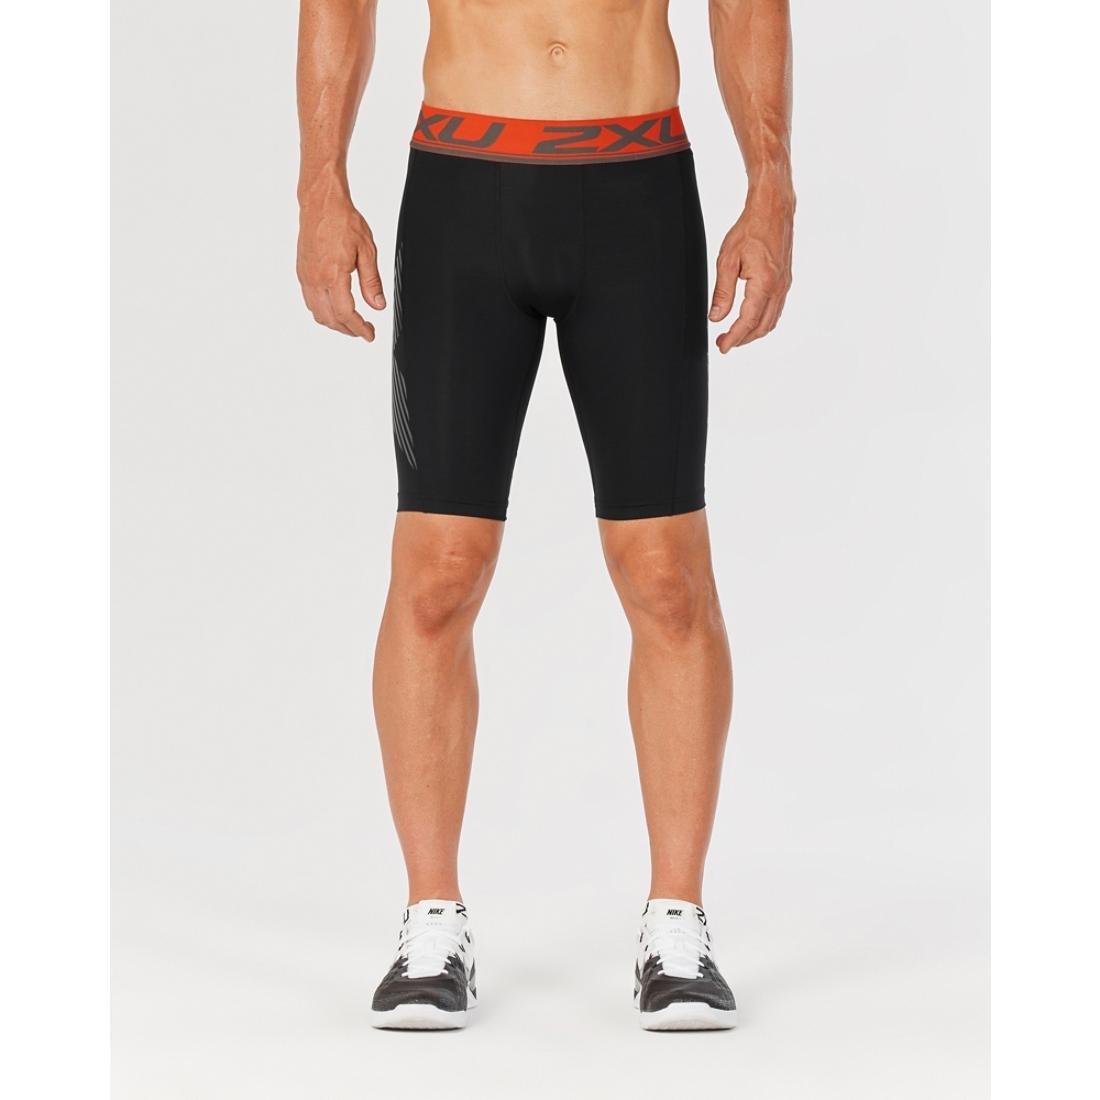 2XU Men's Accelerate Compression Shorts 2XU Pty Ltd MA4478b-P